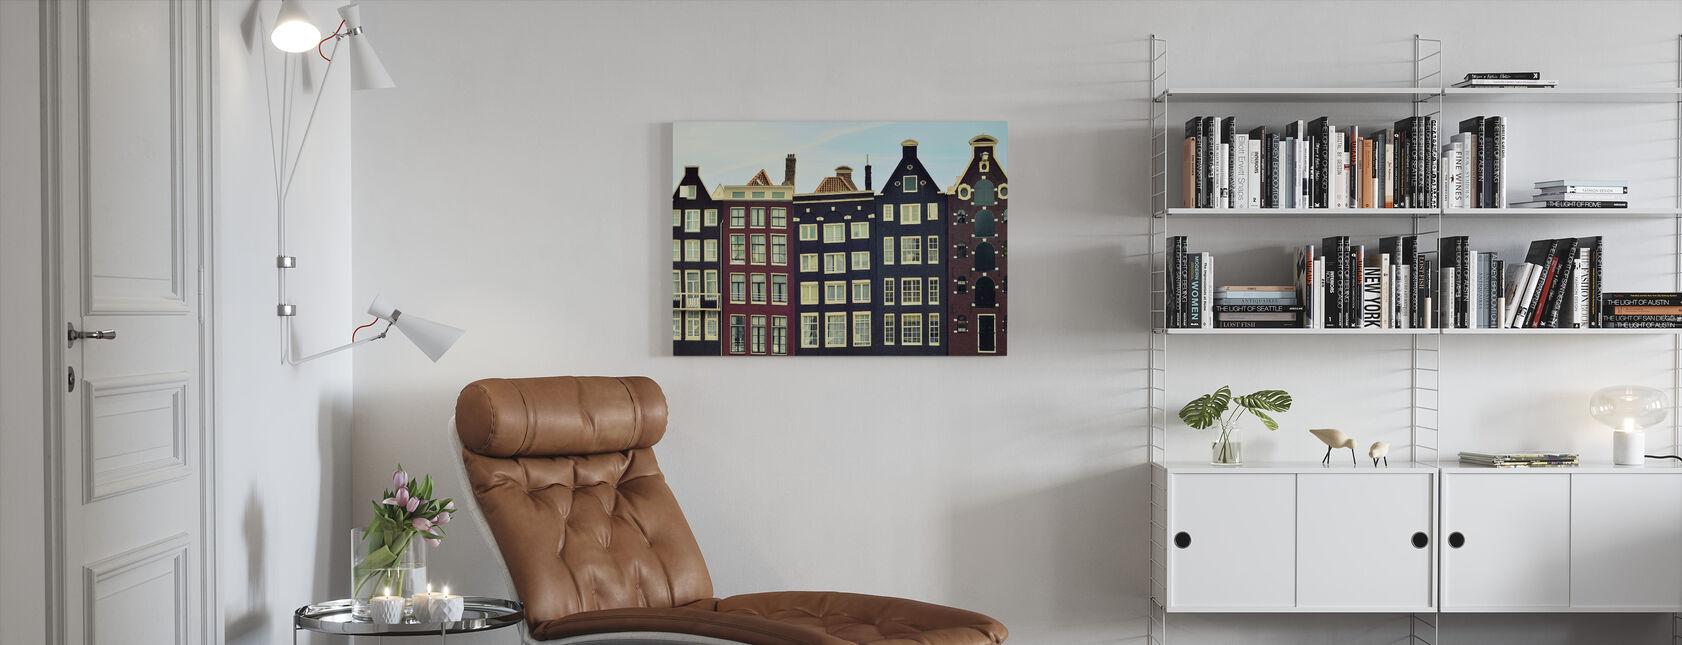 Amsterdam Casas - Lienzo - Salón